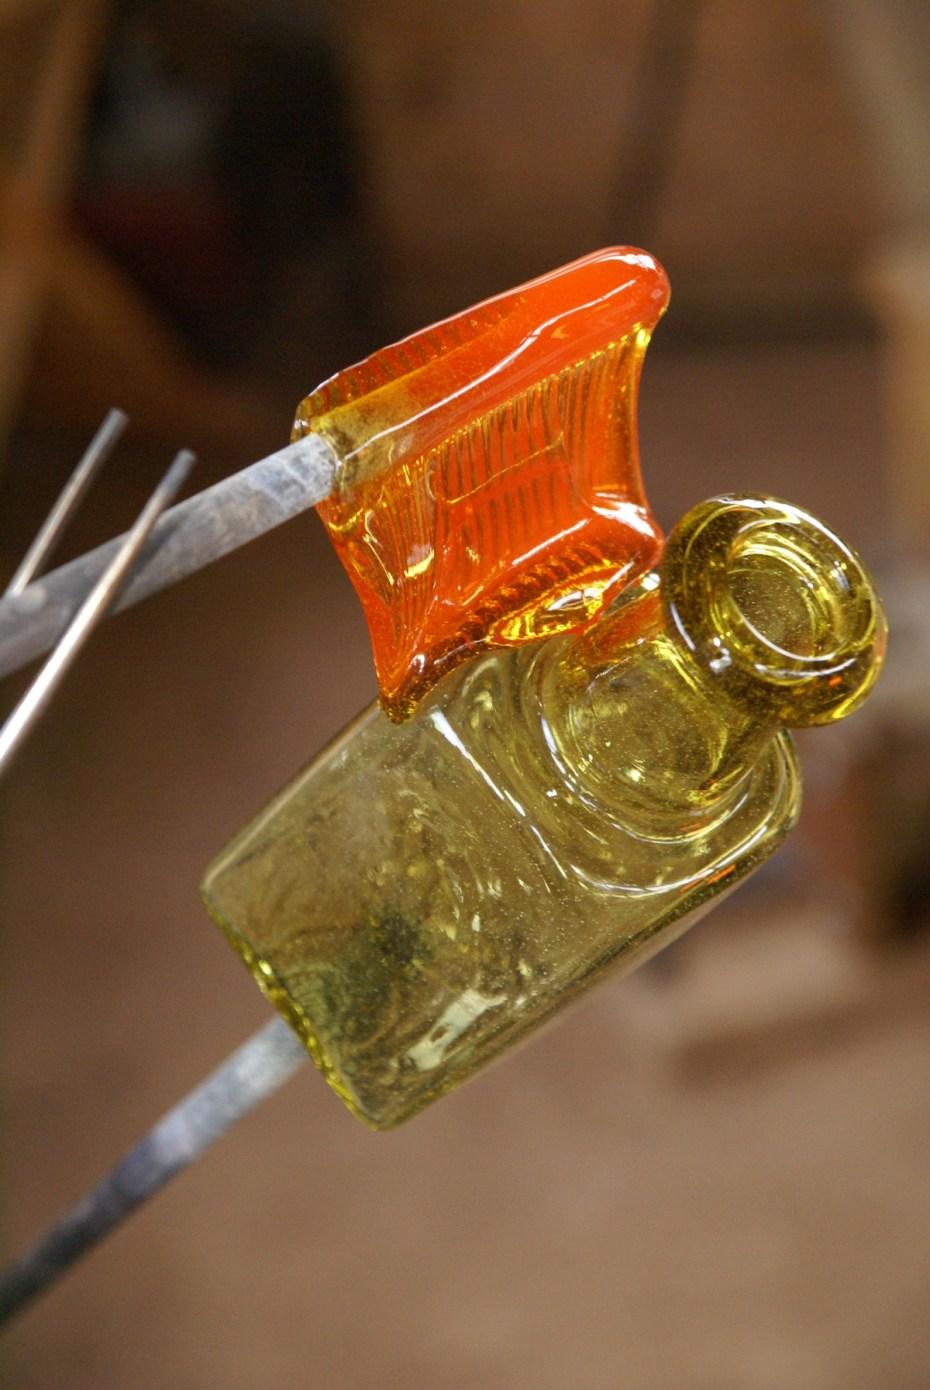 Normaal is geblazen glas is altijd bolvormig. Maar door glas te blazen in een moule worden kubusvormige objecten gemaakt of glas met een reliëf. Sommige onderdelen worden niet geblazen maar 'geplakt', zoals een oortje aan deze fles.